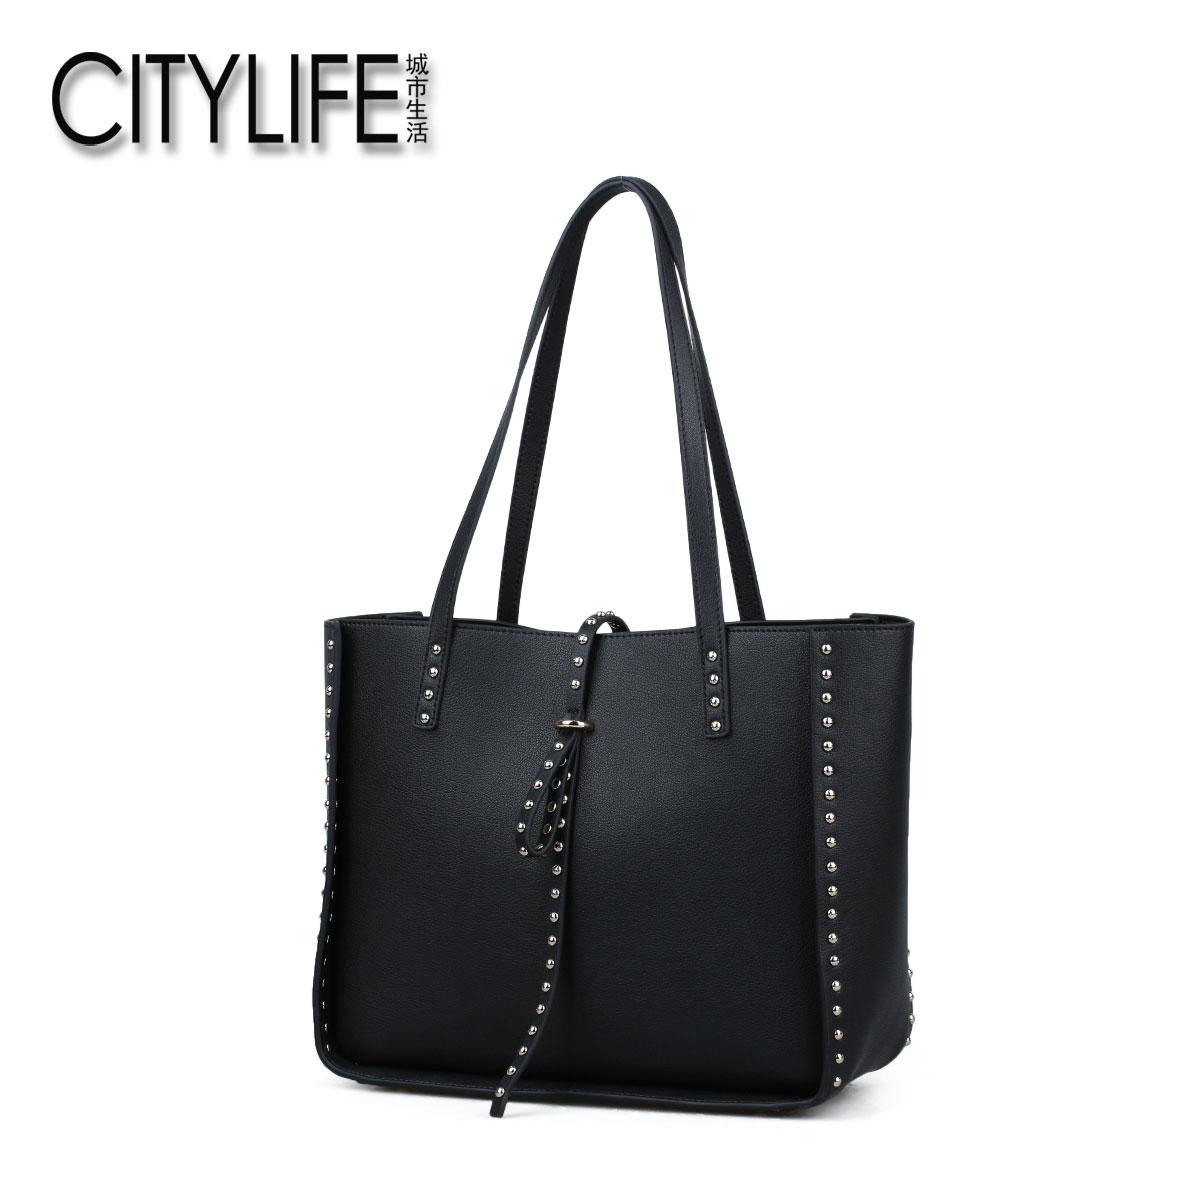 城市生活CITYLIFE女包新款�杉�套子母包牛皮�渭绨��T�手提包包